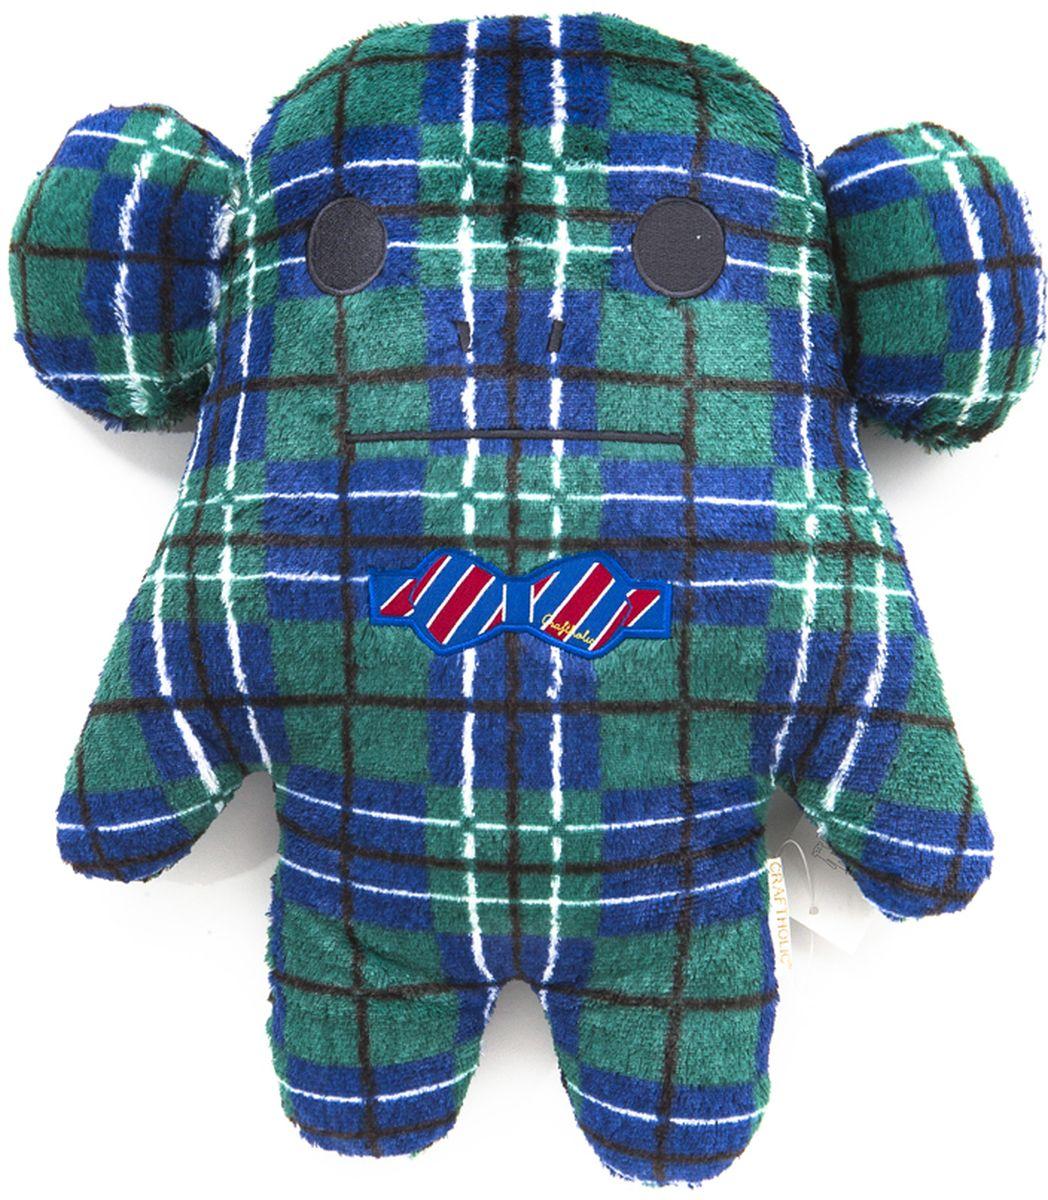 Craftholic Boy Craft Мягкая игрушка-подушка Обезьянка Loris 41 см C181-46